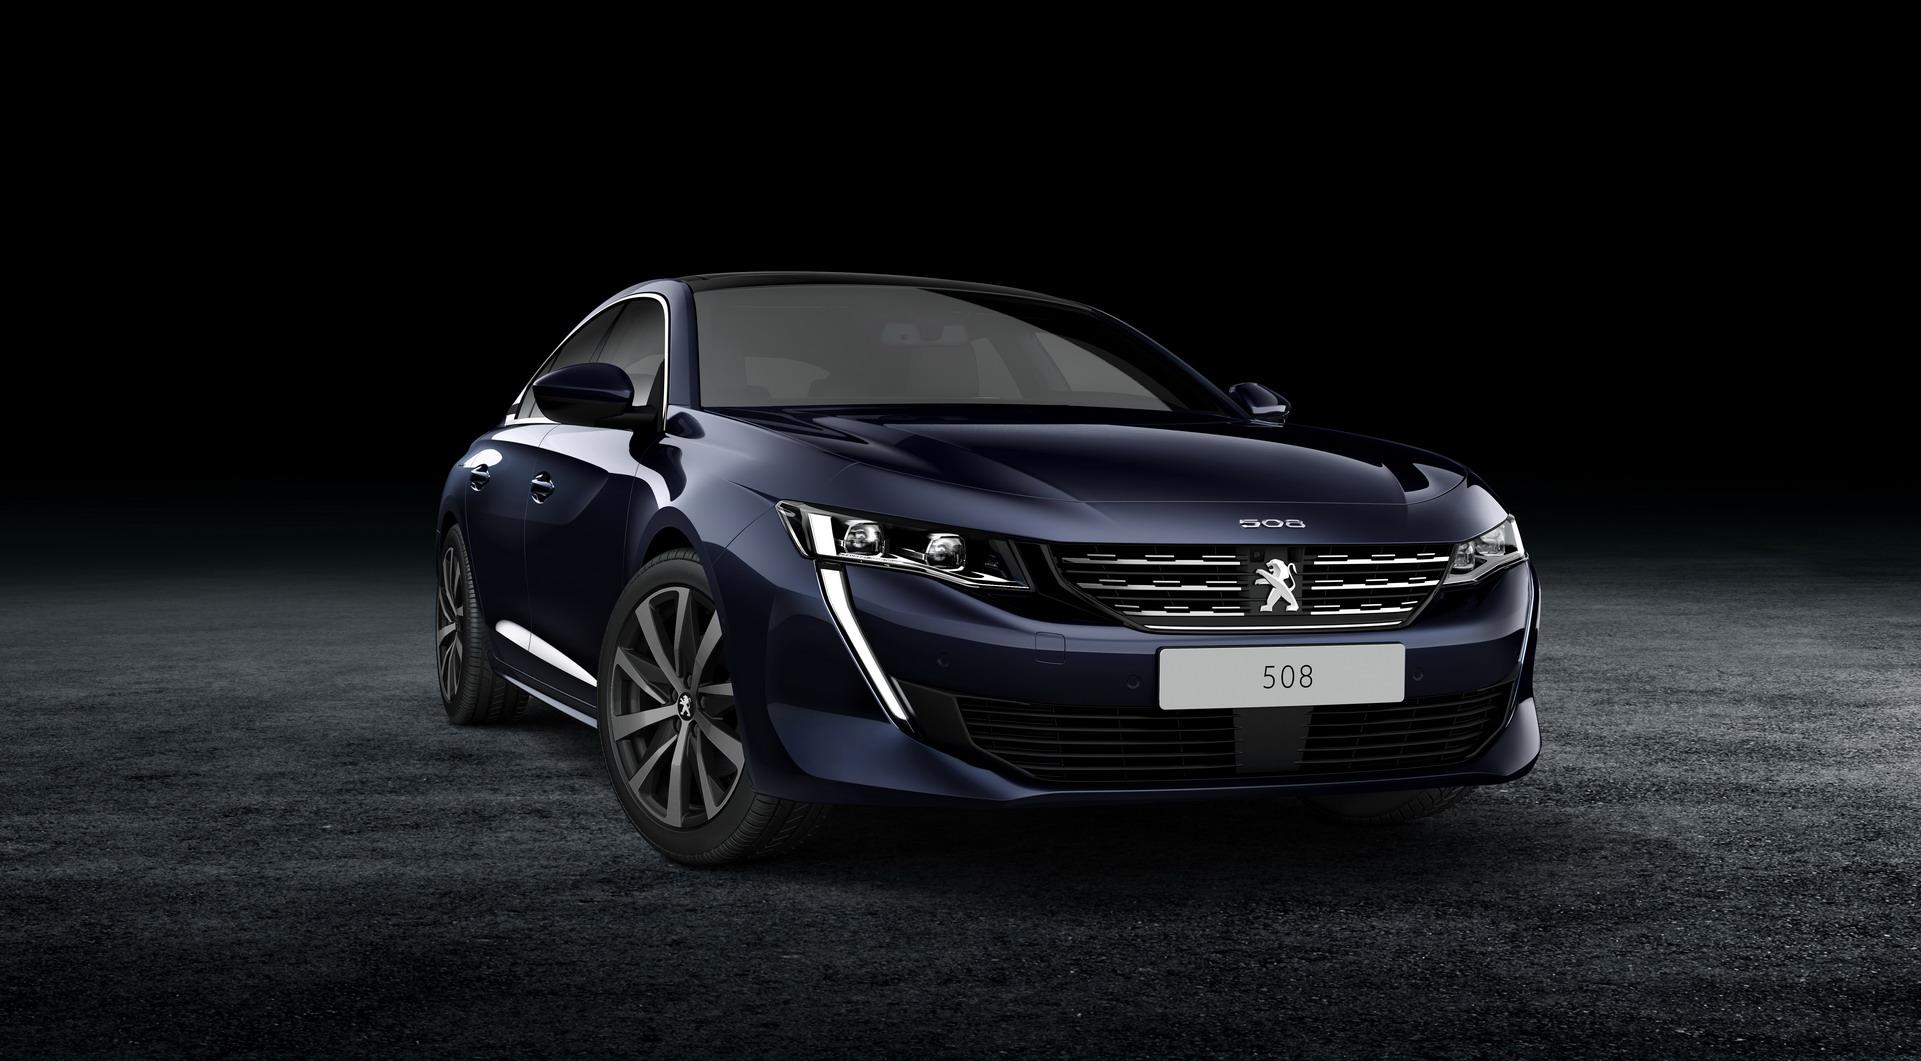 Новиот Peugeot 508 го покажа своето лице пред премиерата во Женева!